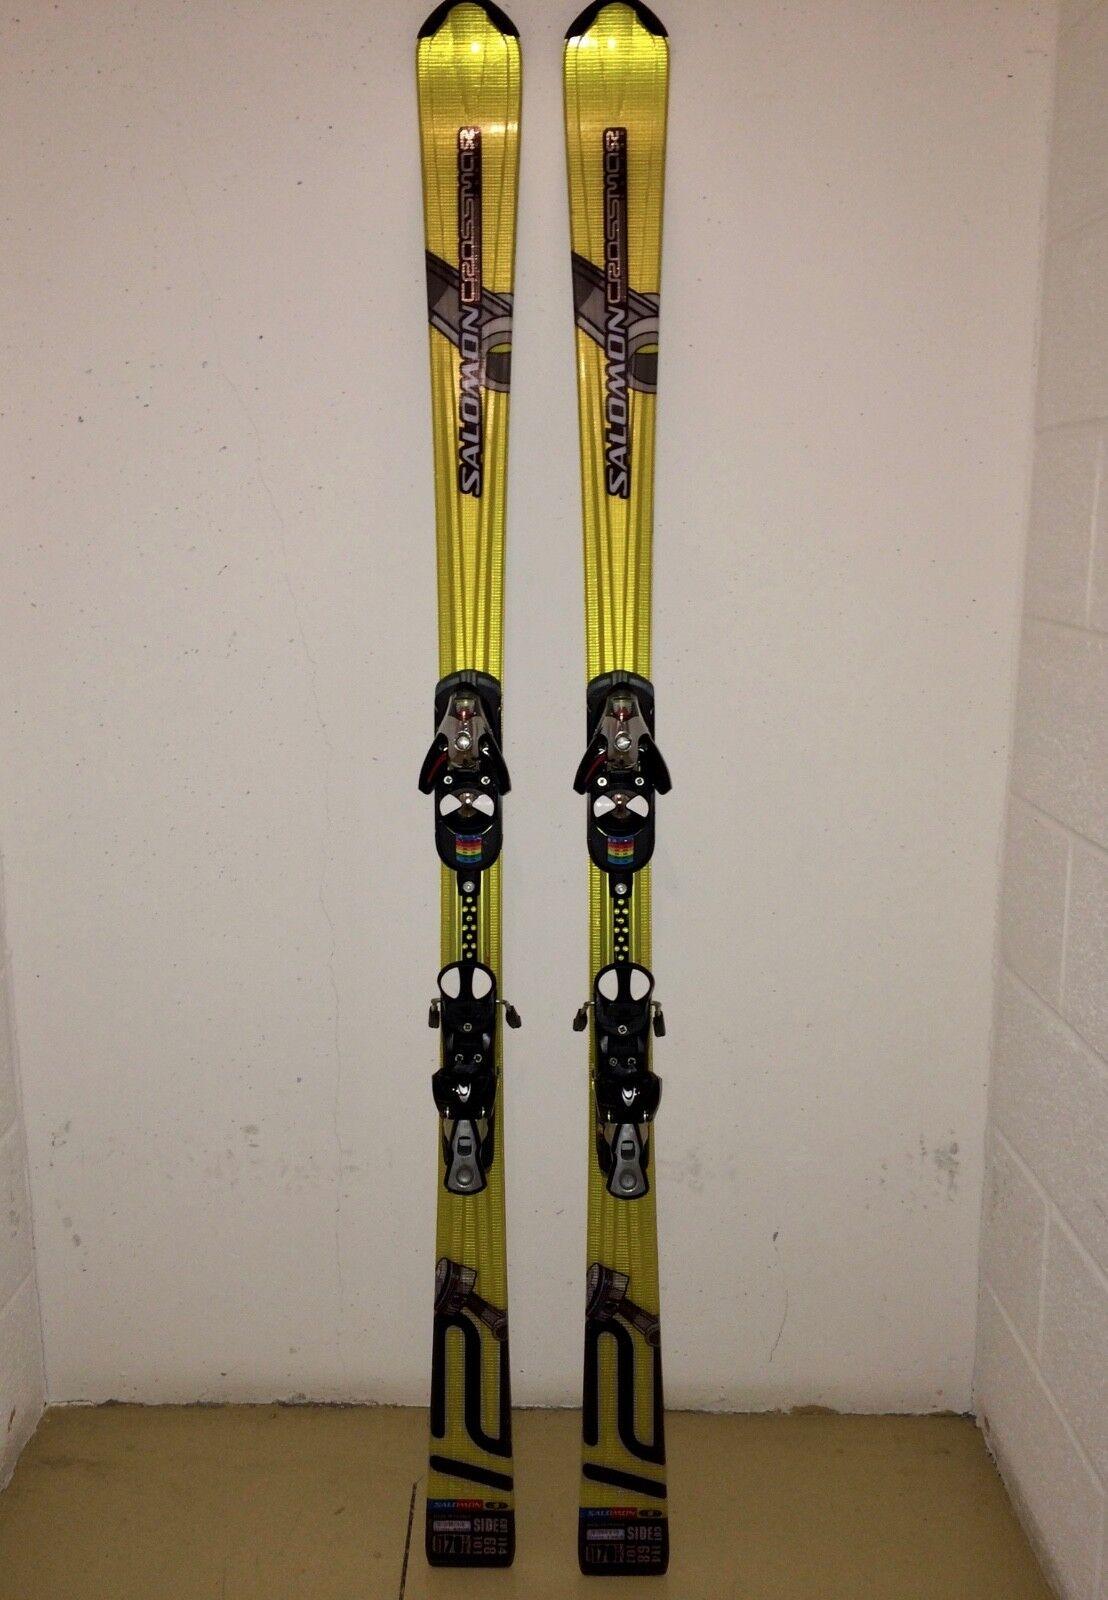 Salomon Crossmax V12 Skis - 2006 model - 170cm - Bindings Included